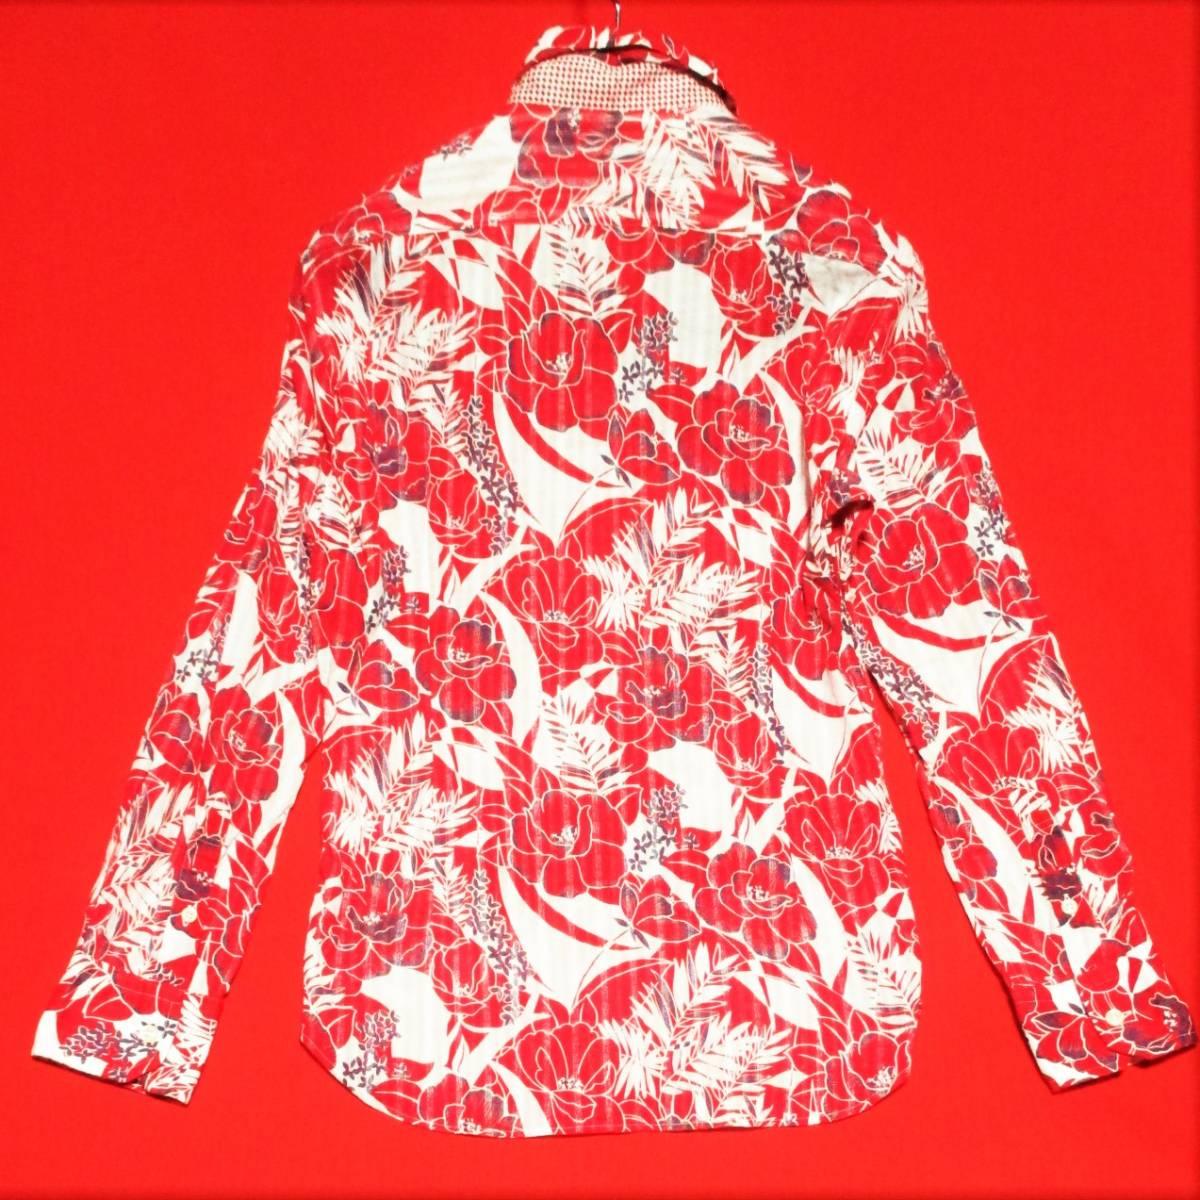 アバハウス★アロハ花柄 かすれストライプ 長袖シャツ 袖丈調節可能 本格ヴィンテージデザイン 赤×白 3 リゾート テレワーク&クールビズ◎_画像2